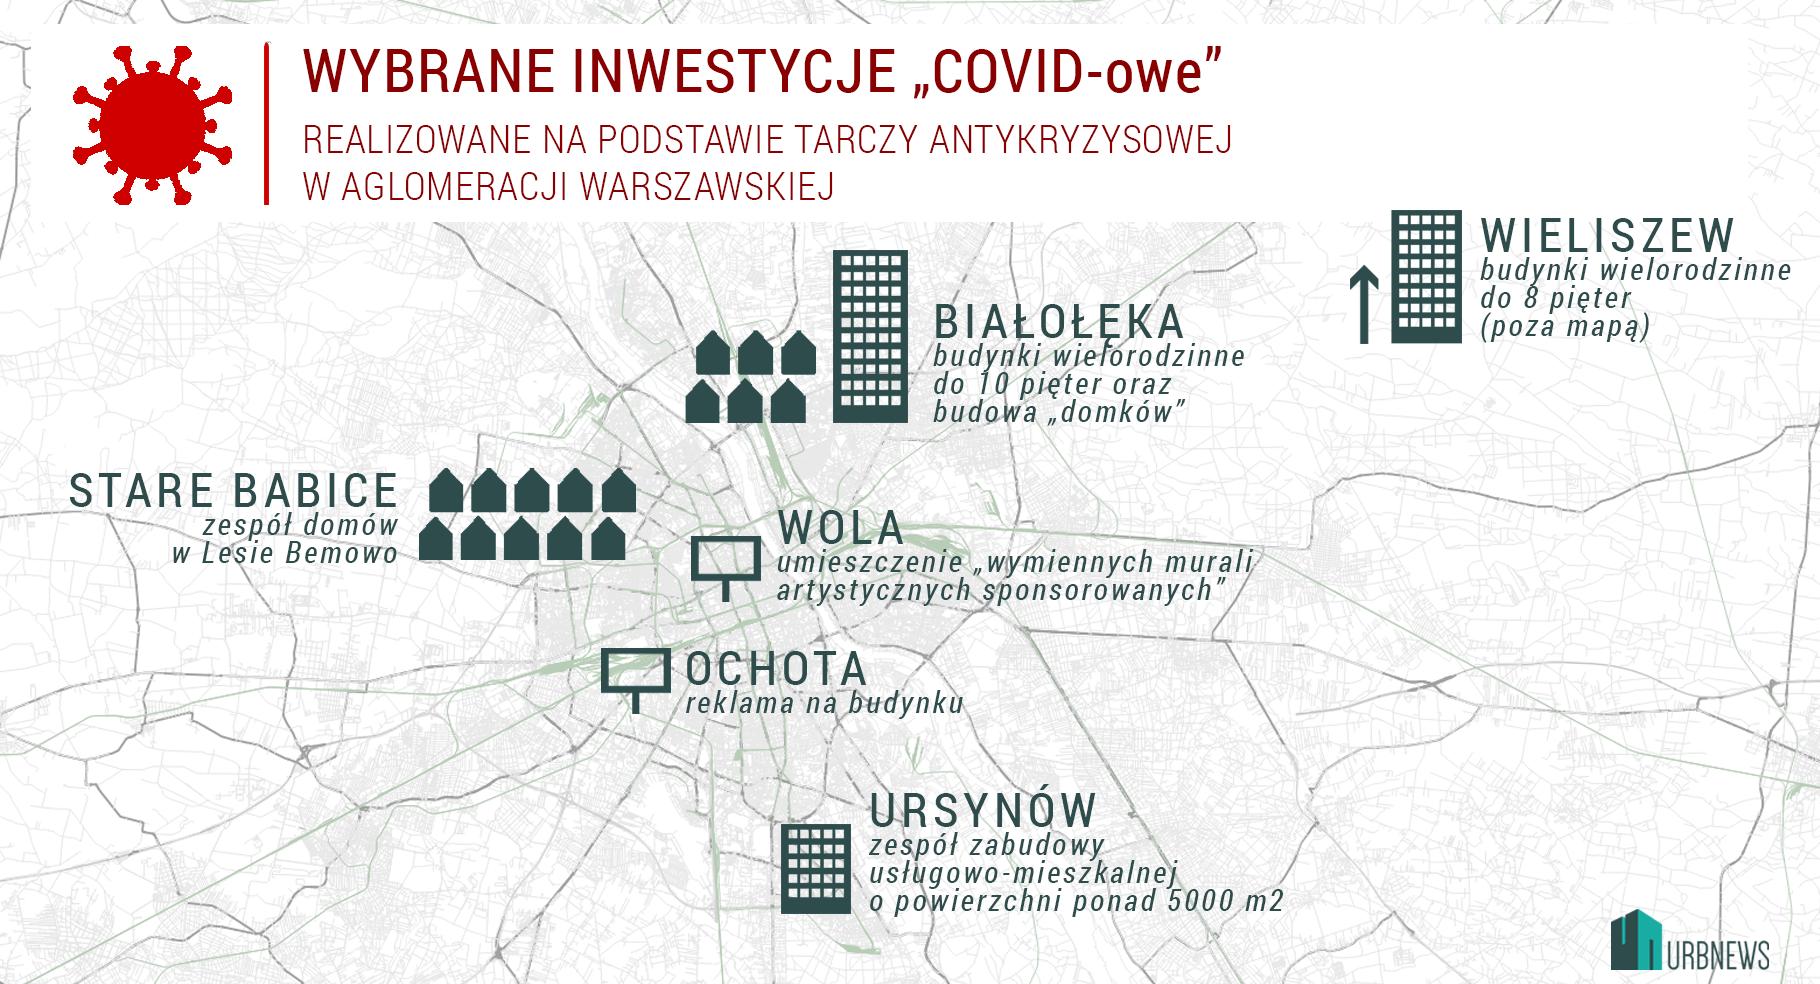 Inwestycje w aglomeracji warszawskiej, zgłoszone na podstawie Tarczy 2.0